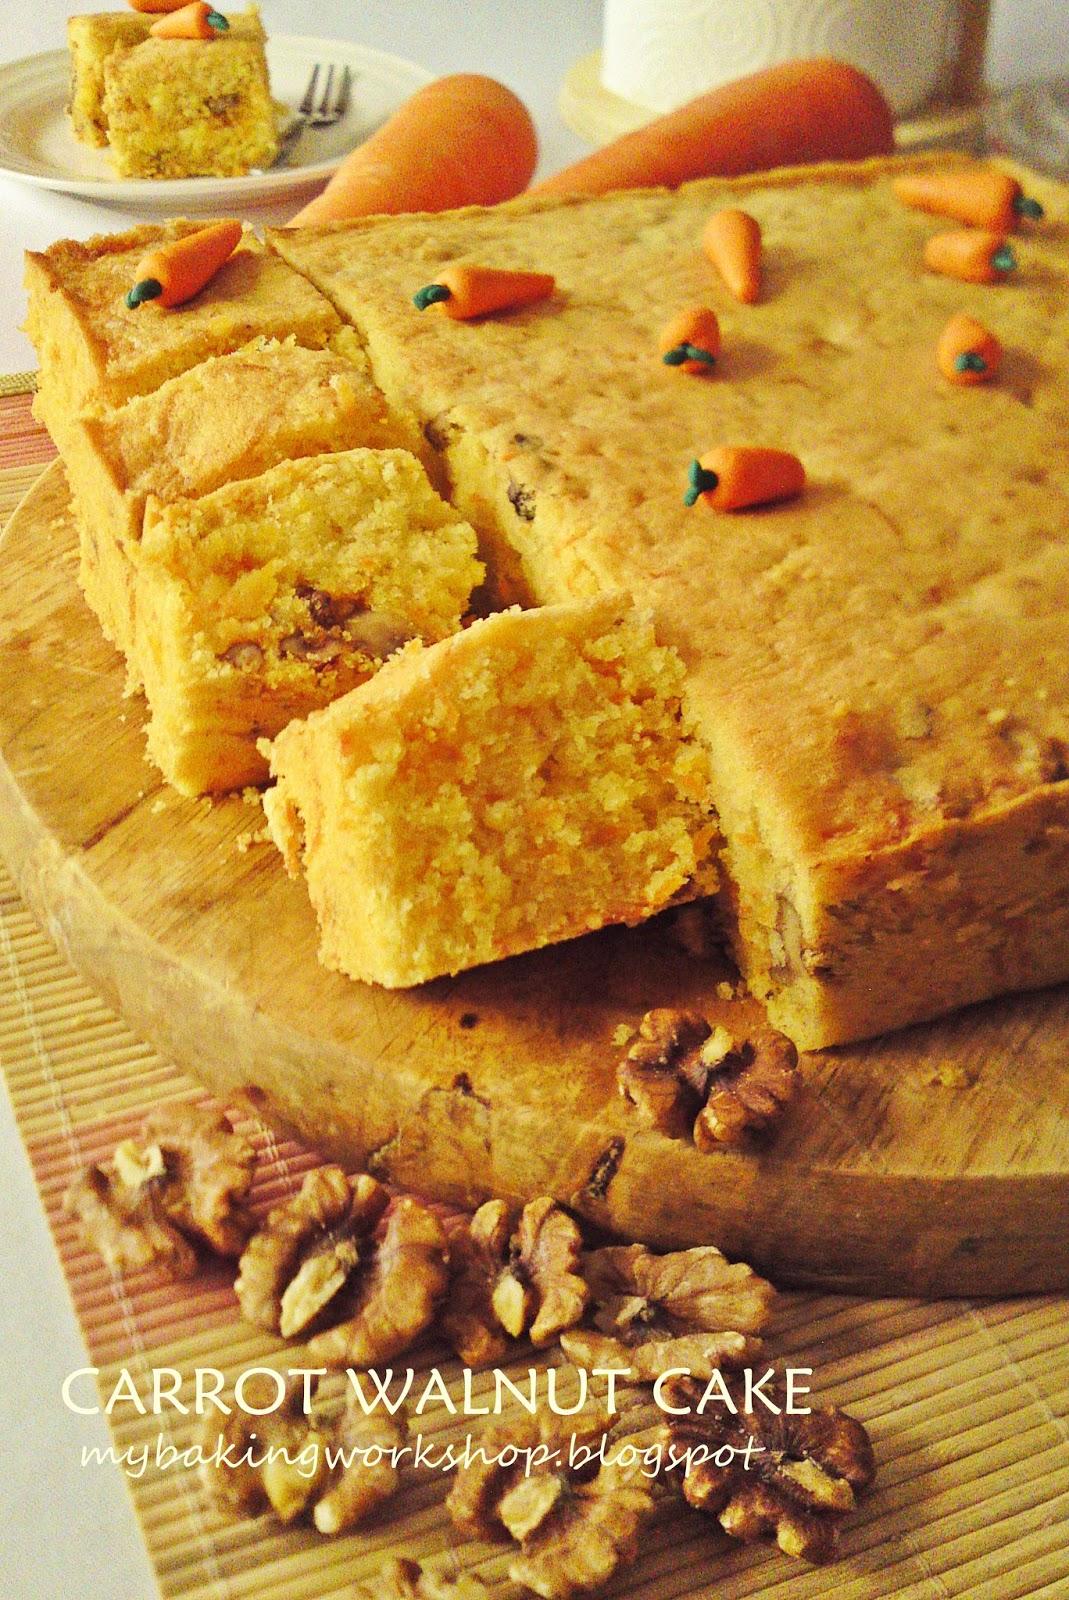 Resepi ni hasil adaptasi daripada resepi carrot cake dalam buku